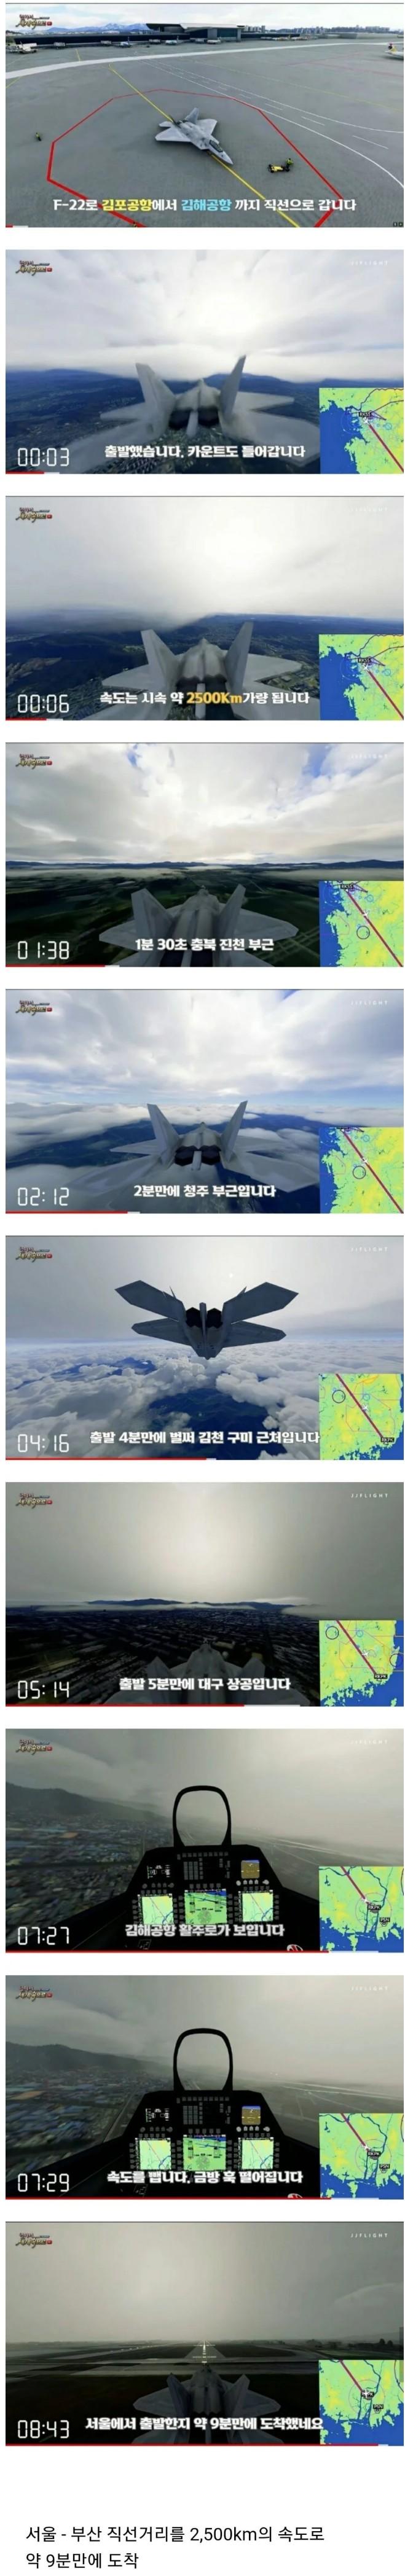 F-22 전투기로 서울에서 부산까지 걸리는 시간